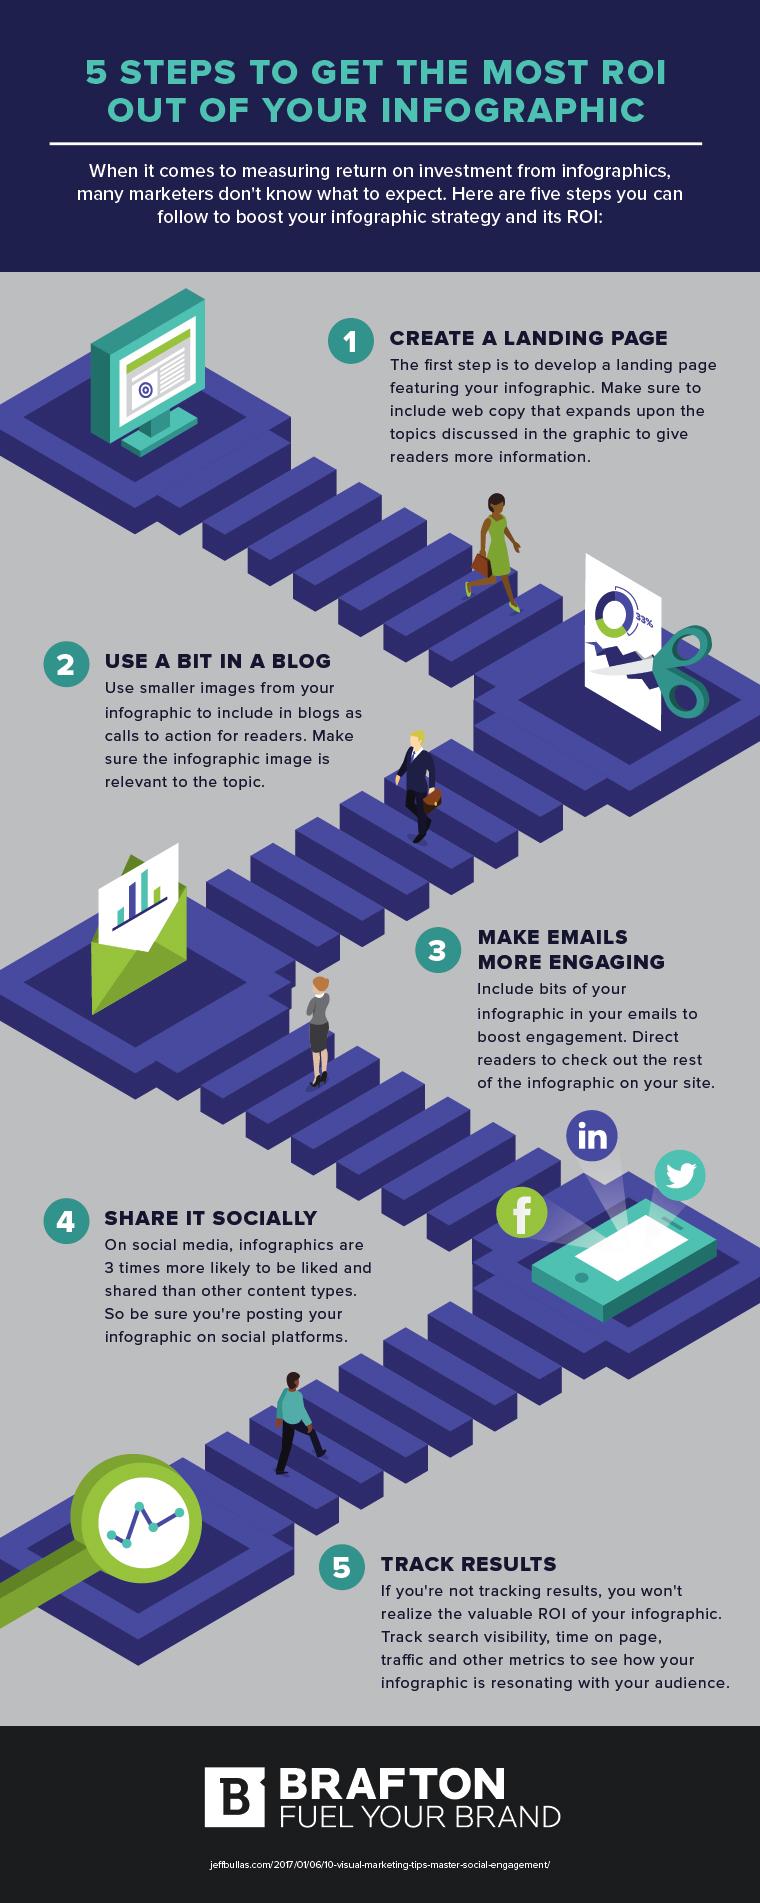 5 Steps ROI SG.jpg